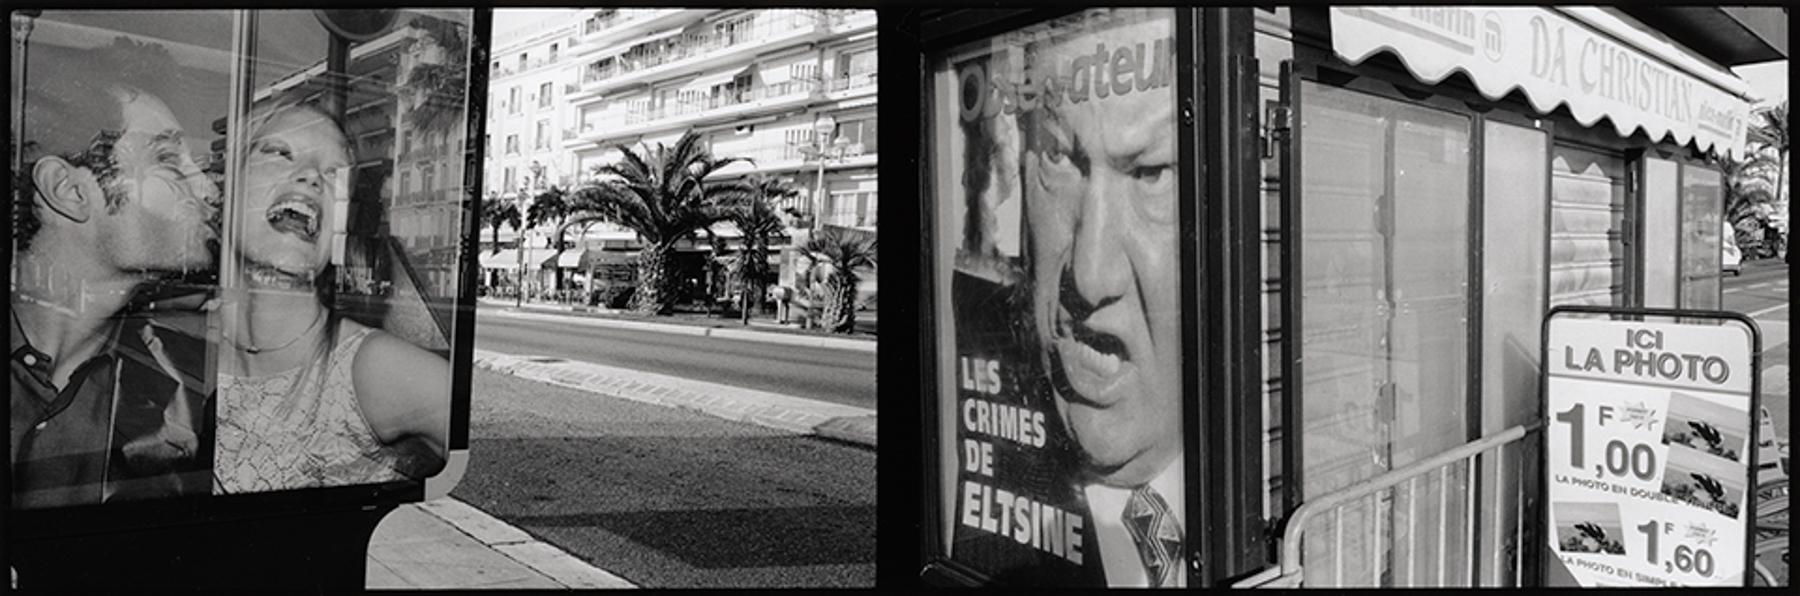 Promenade des Anglais (dyptych) Nice 1999